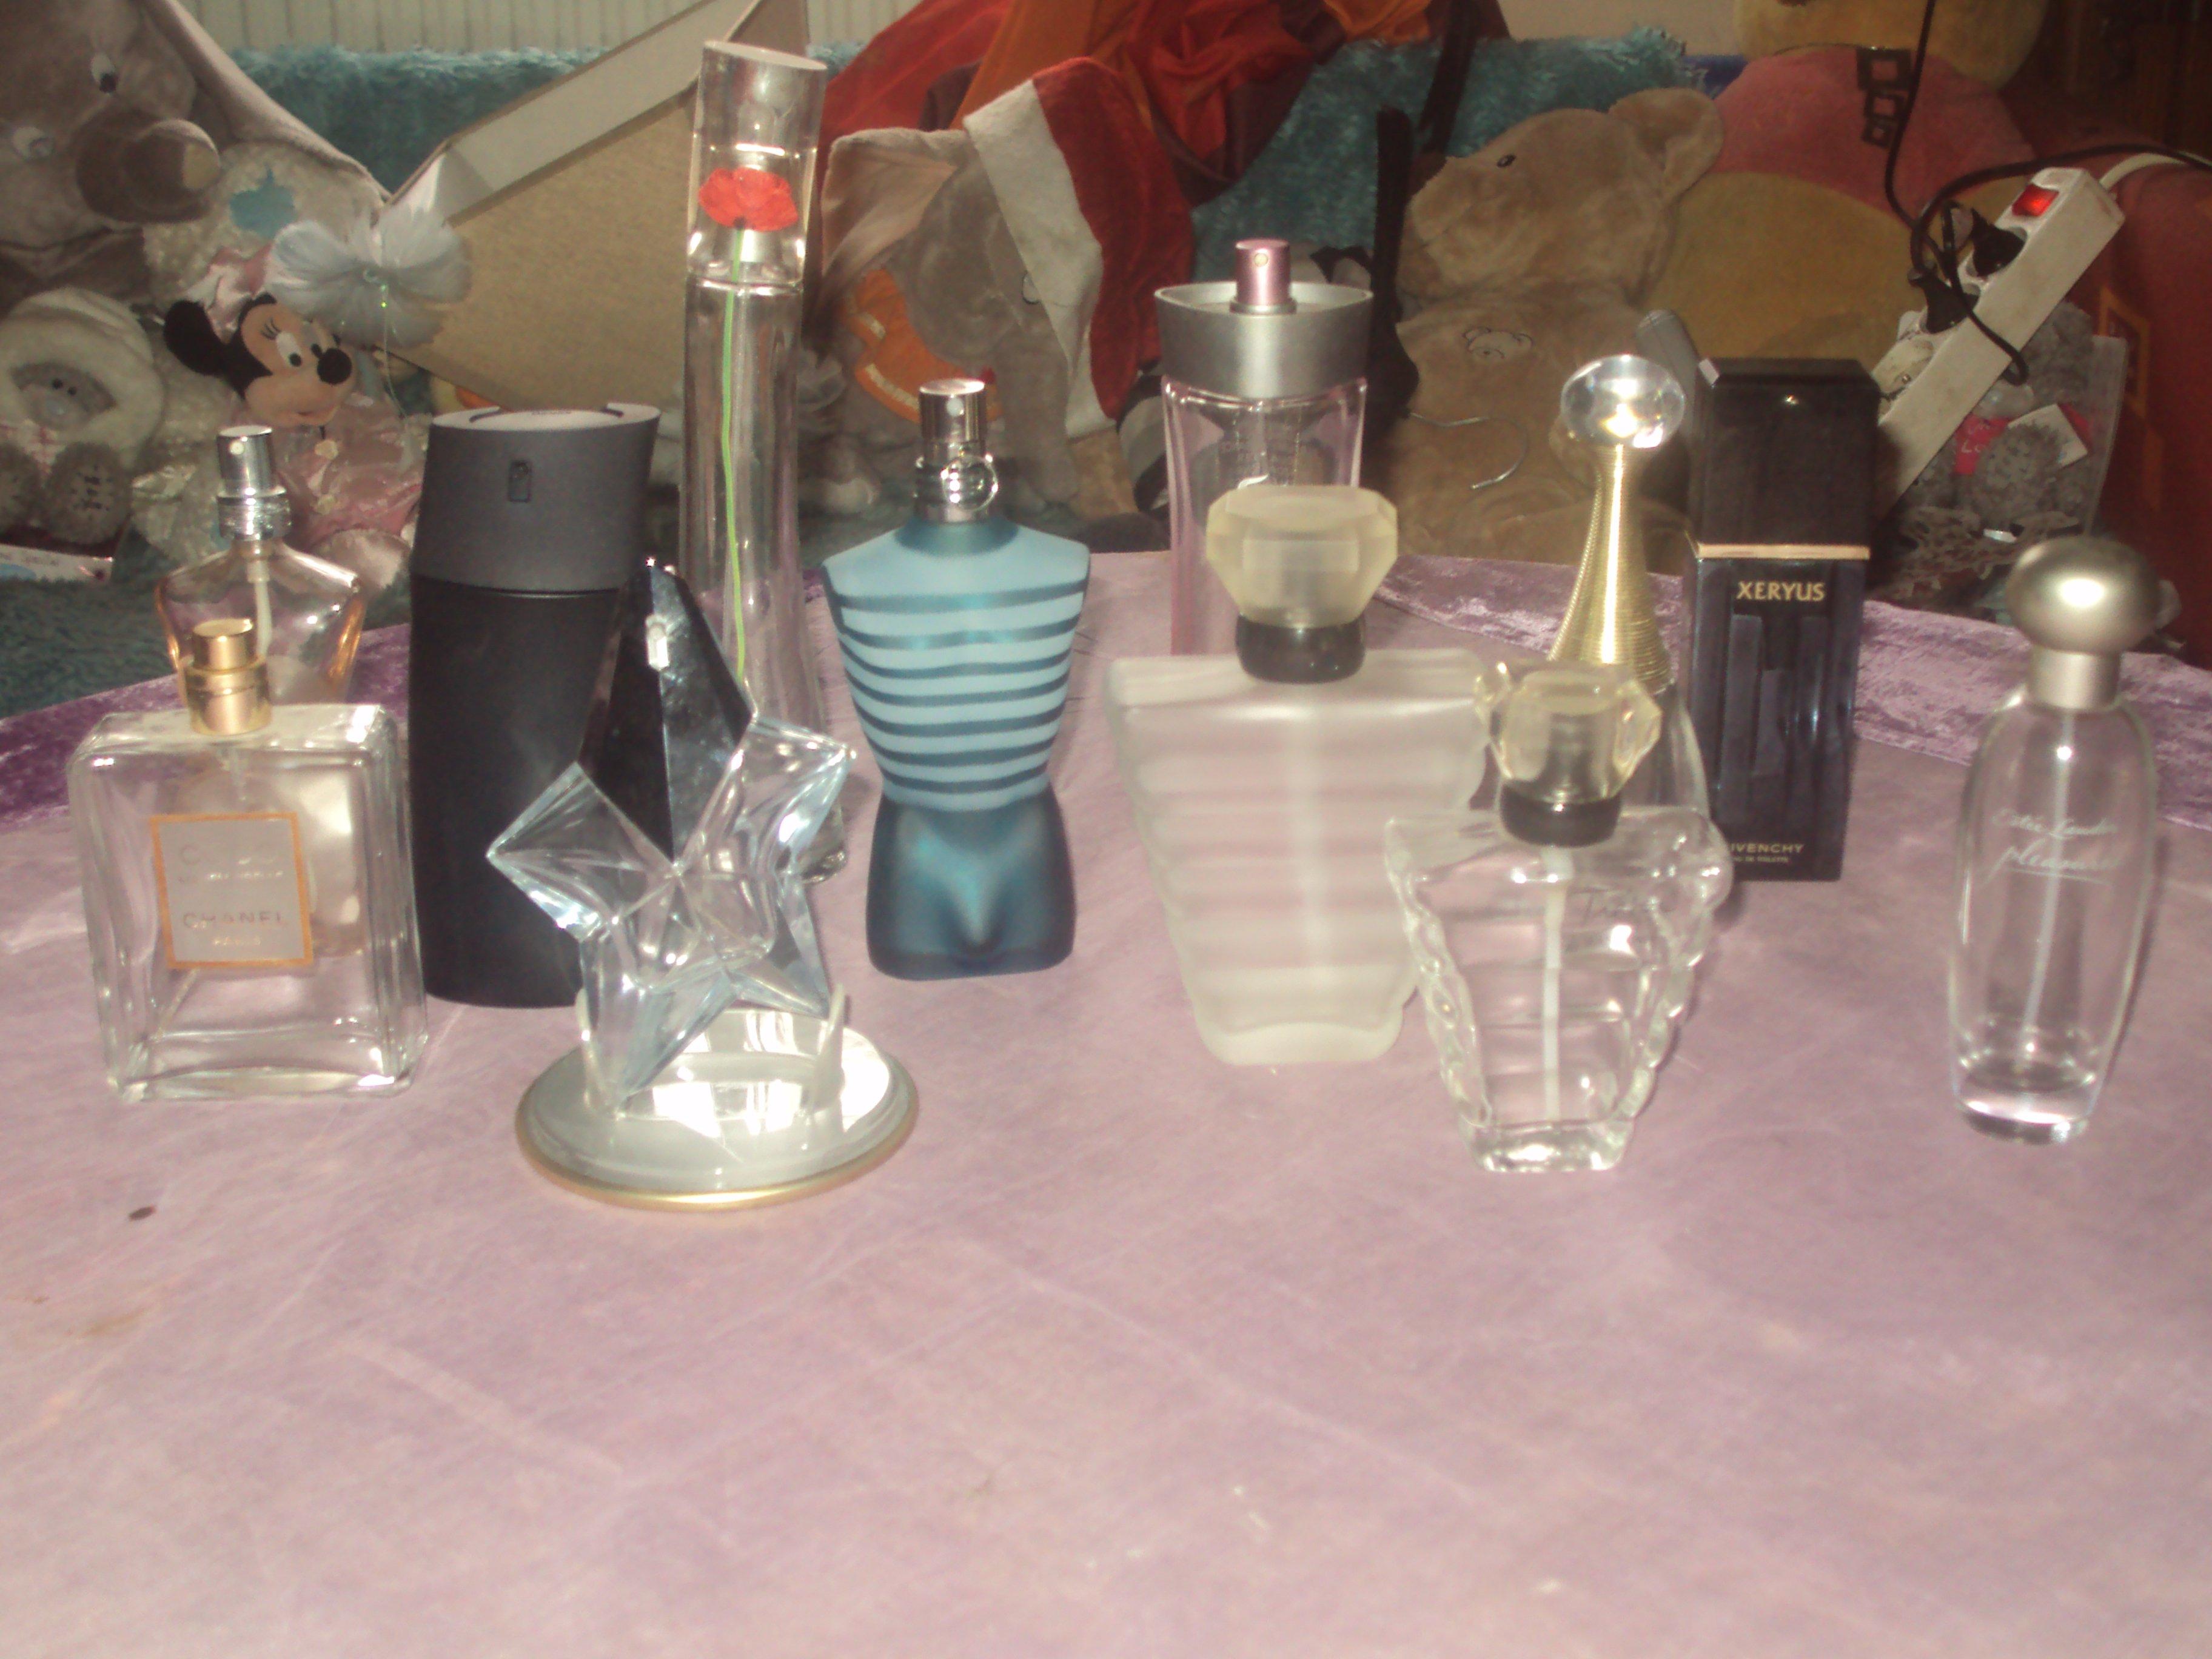 Cote Cote De Parfum Vide De Flacon Parfum Flacon orWxQdBCe